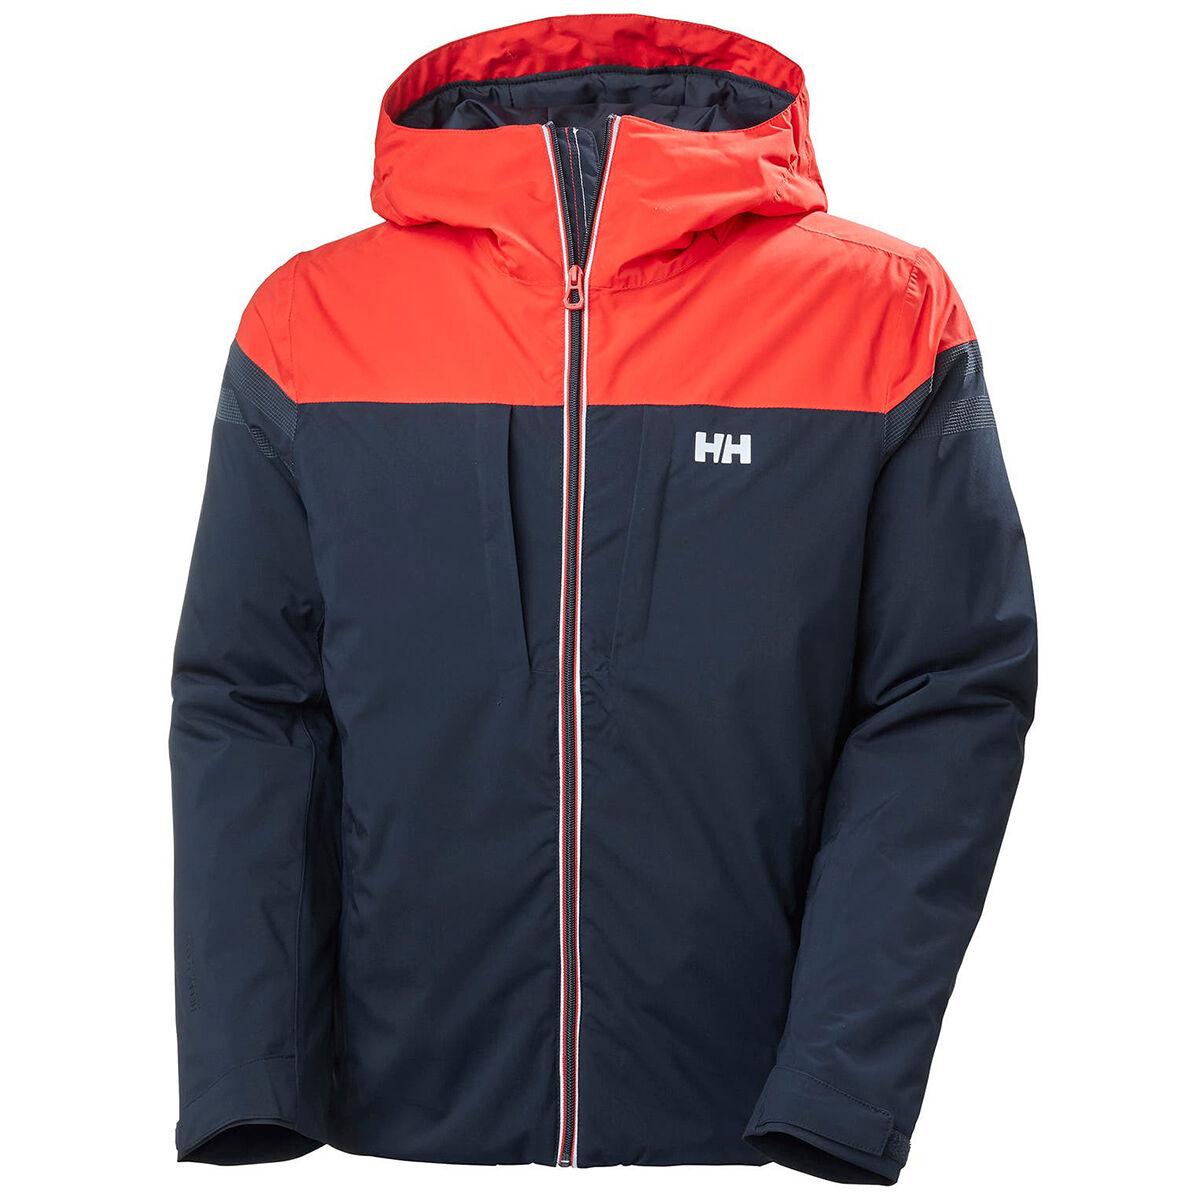 Helly Hansen Hell Hansen Men's Gravitation Jacket